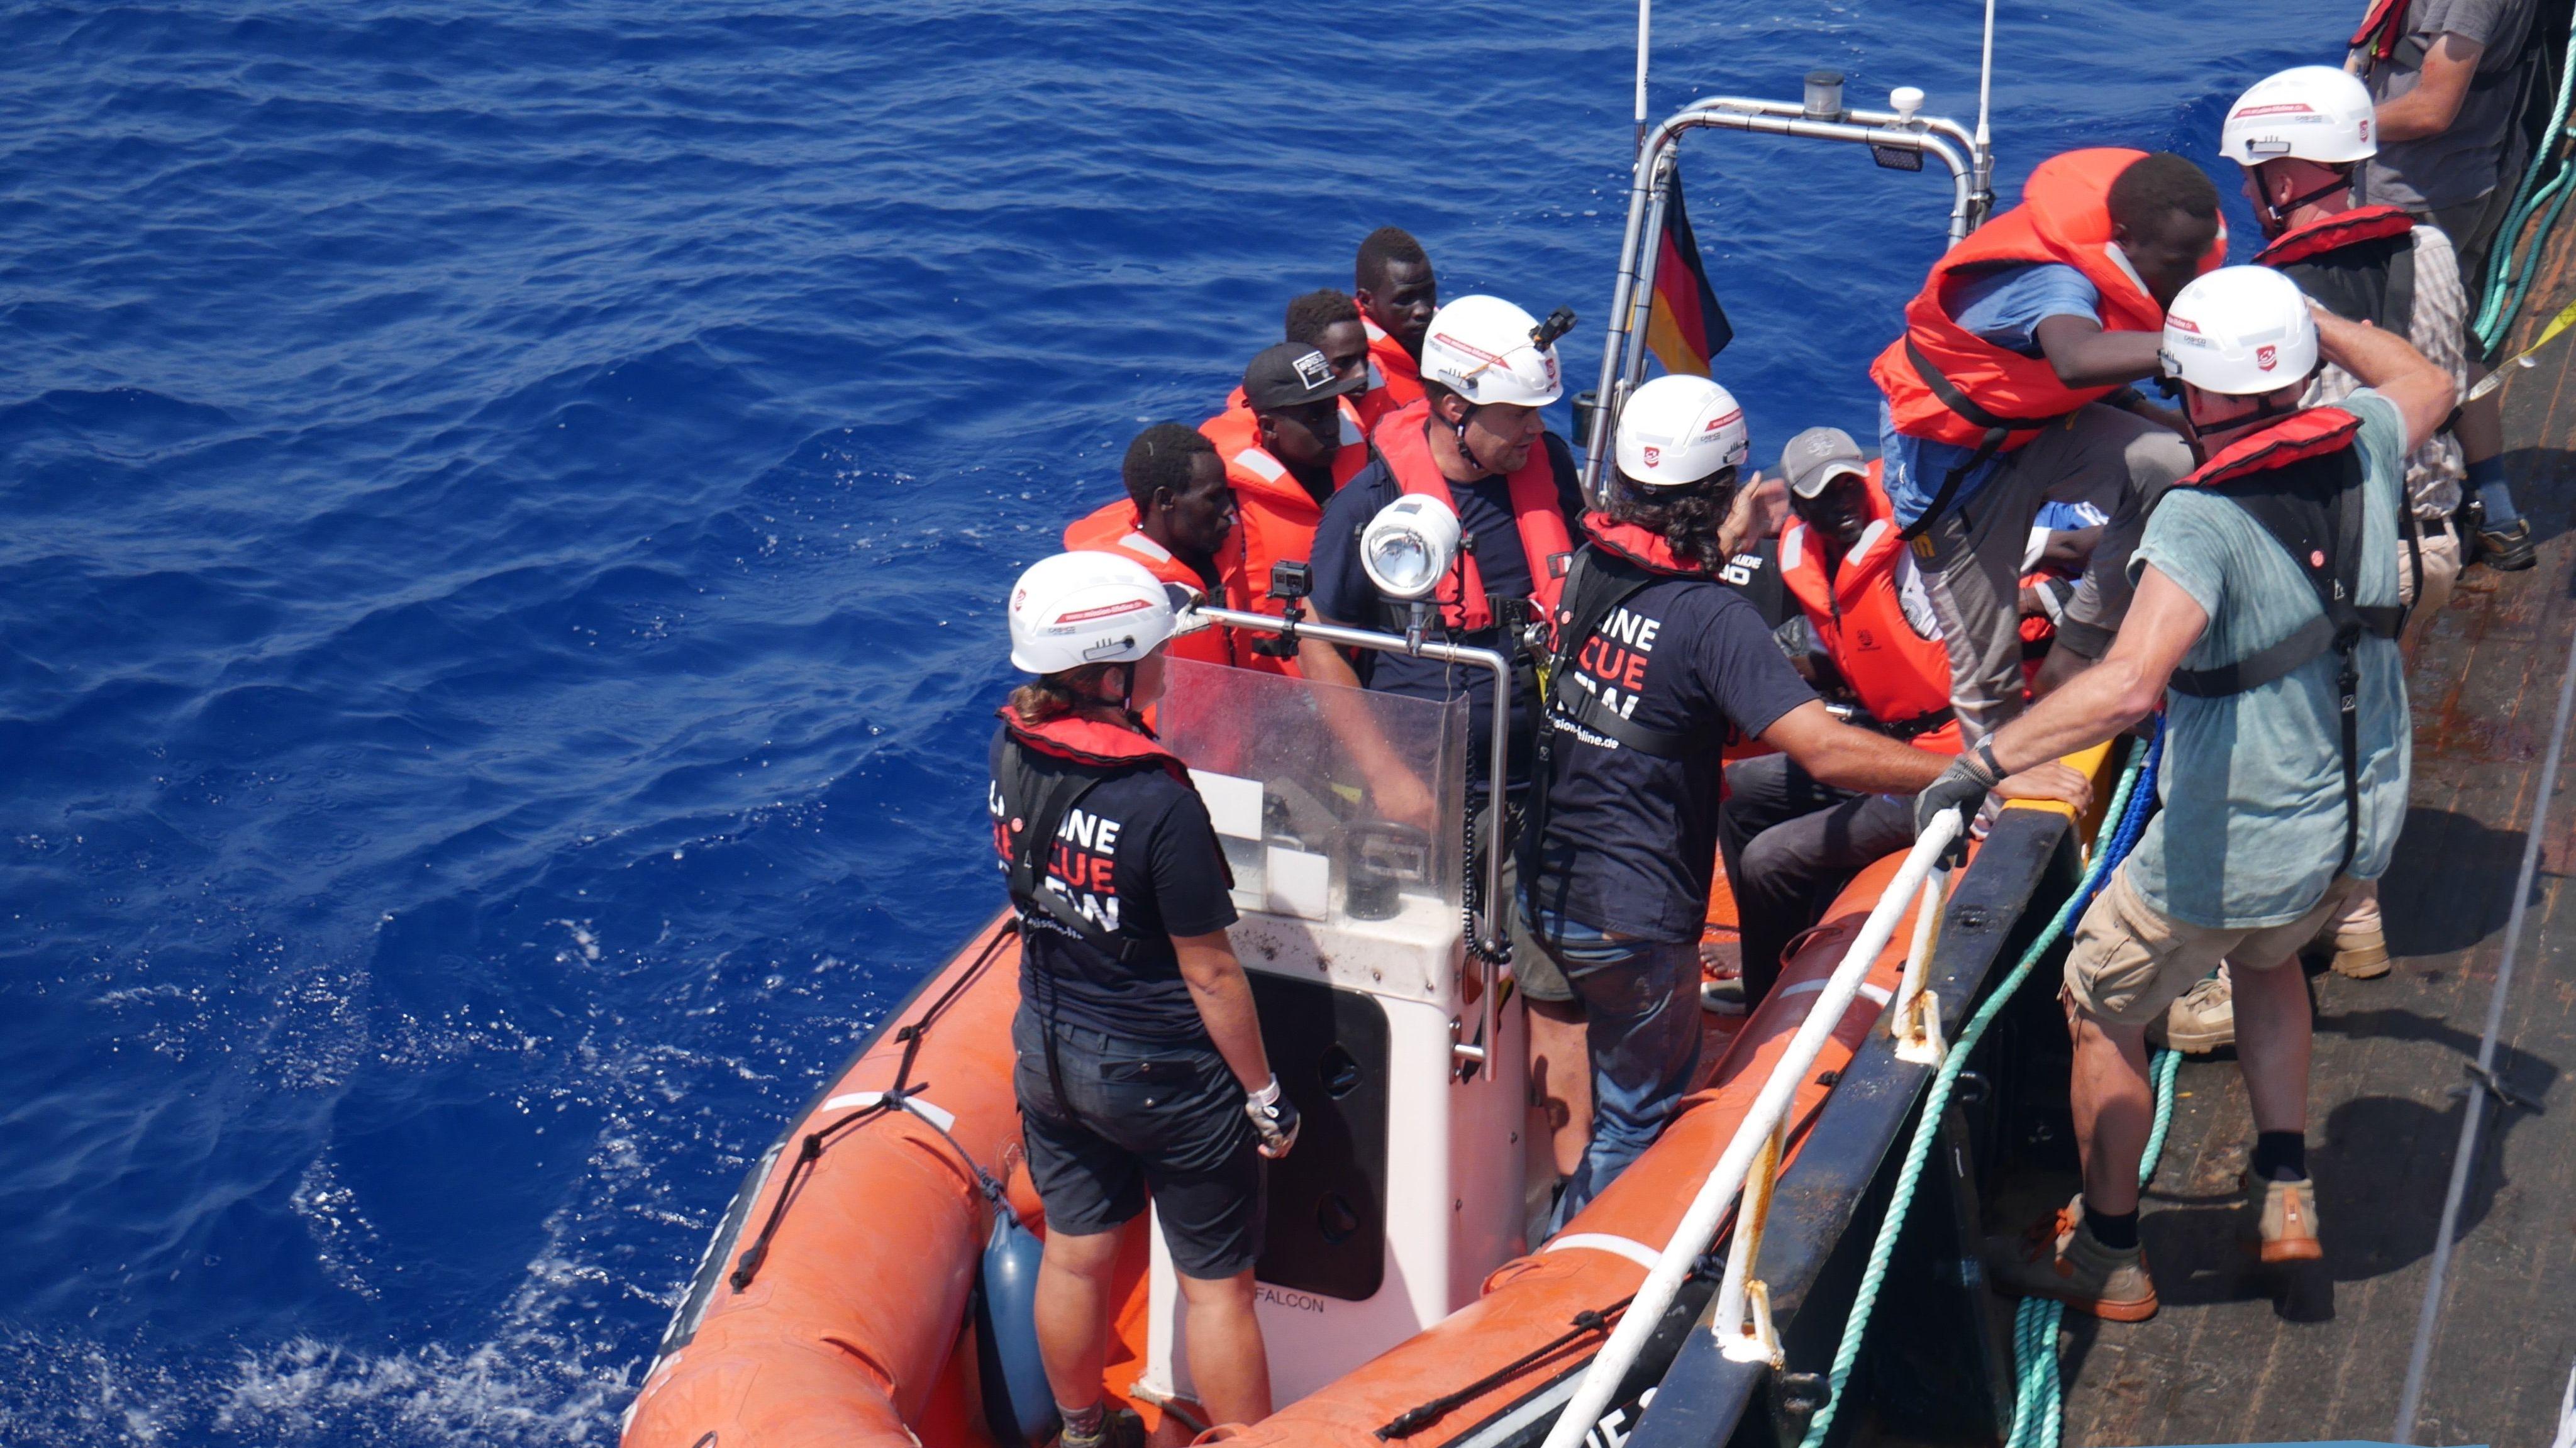 Gerettete verlassen Schlauchboot und gehen an Bord eines Schiffes